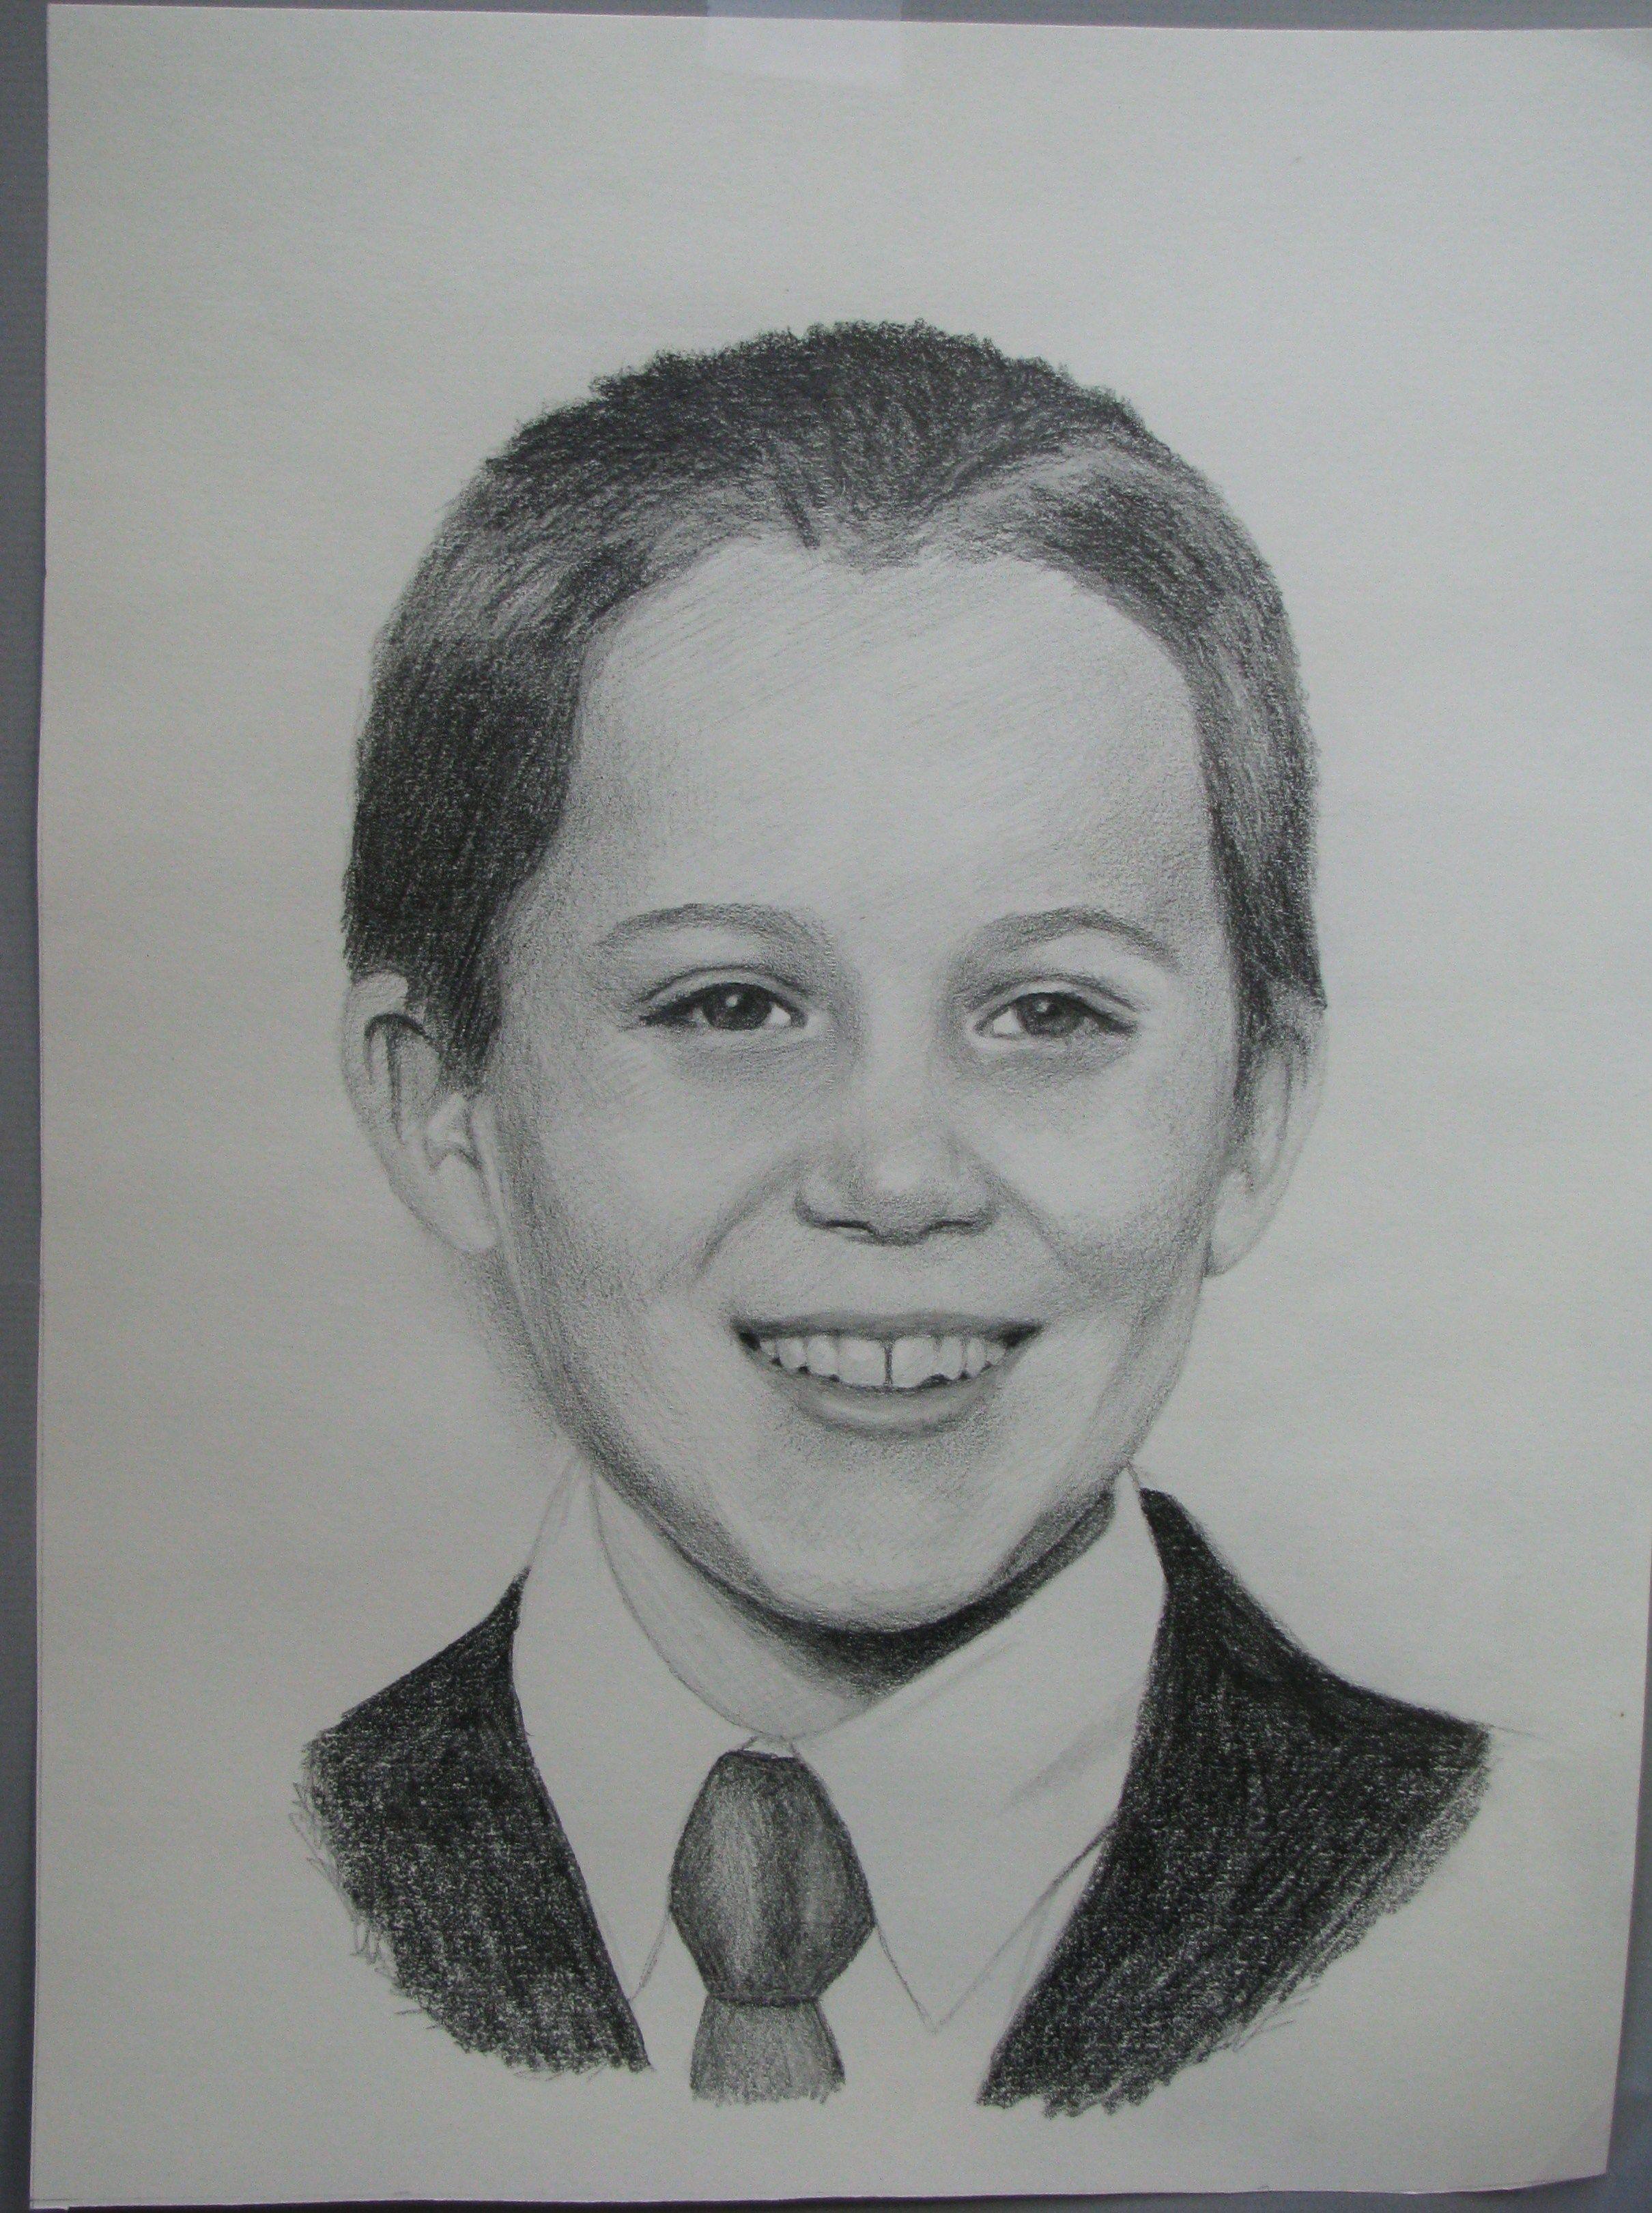 9x12 graphite portrait graphite drawings pencil drawings professional portrait amazing drawings